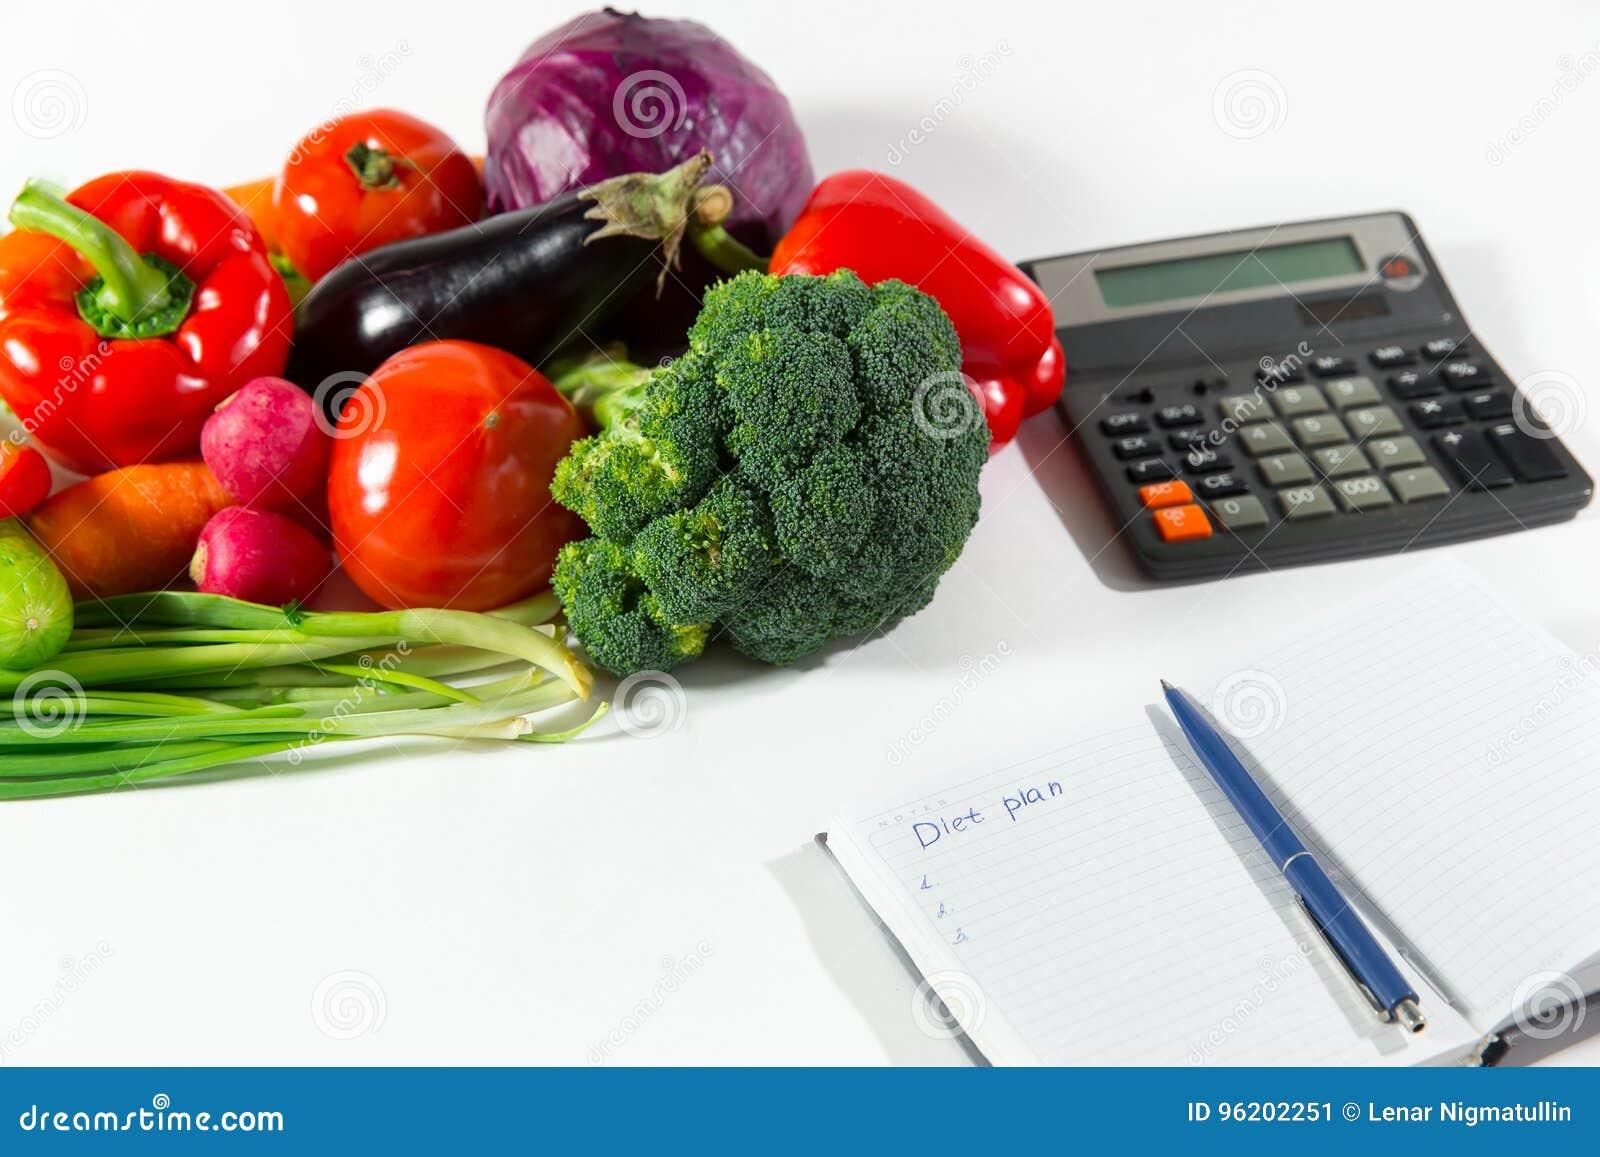 medici piani di perdita di peso